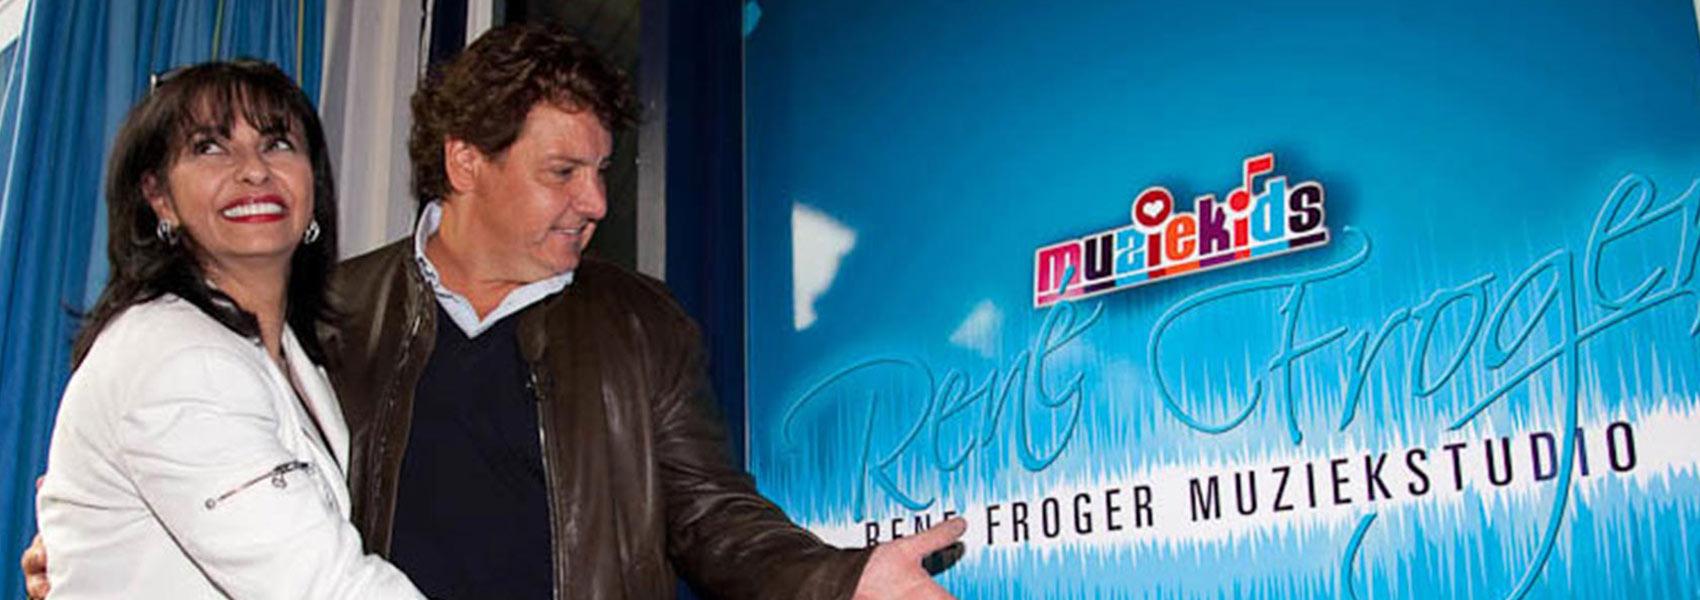 Rene-Foger-Muziekids-Blaricum